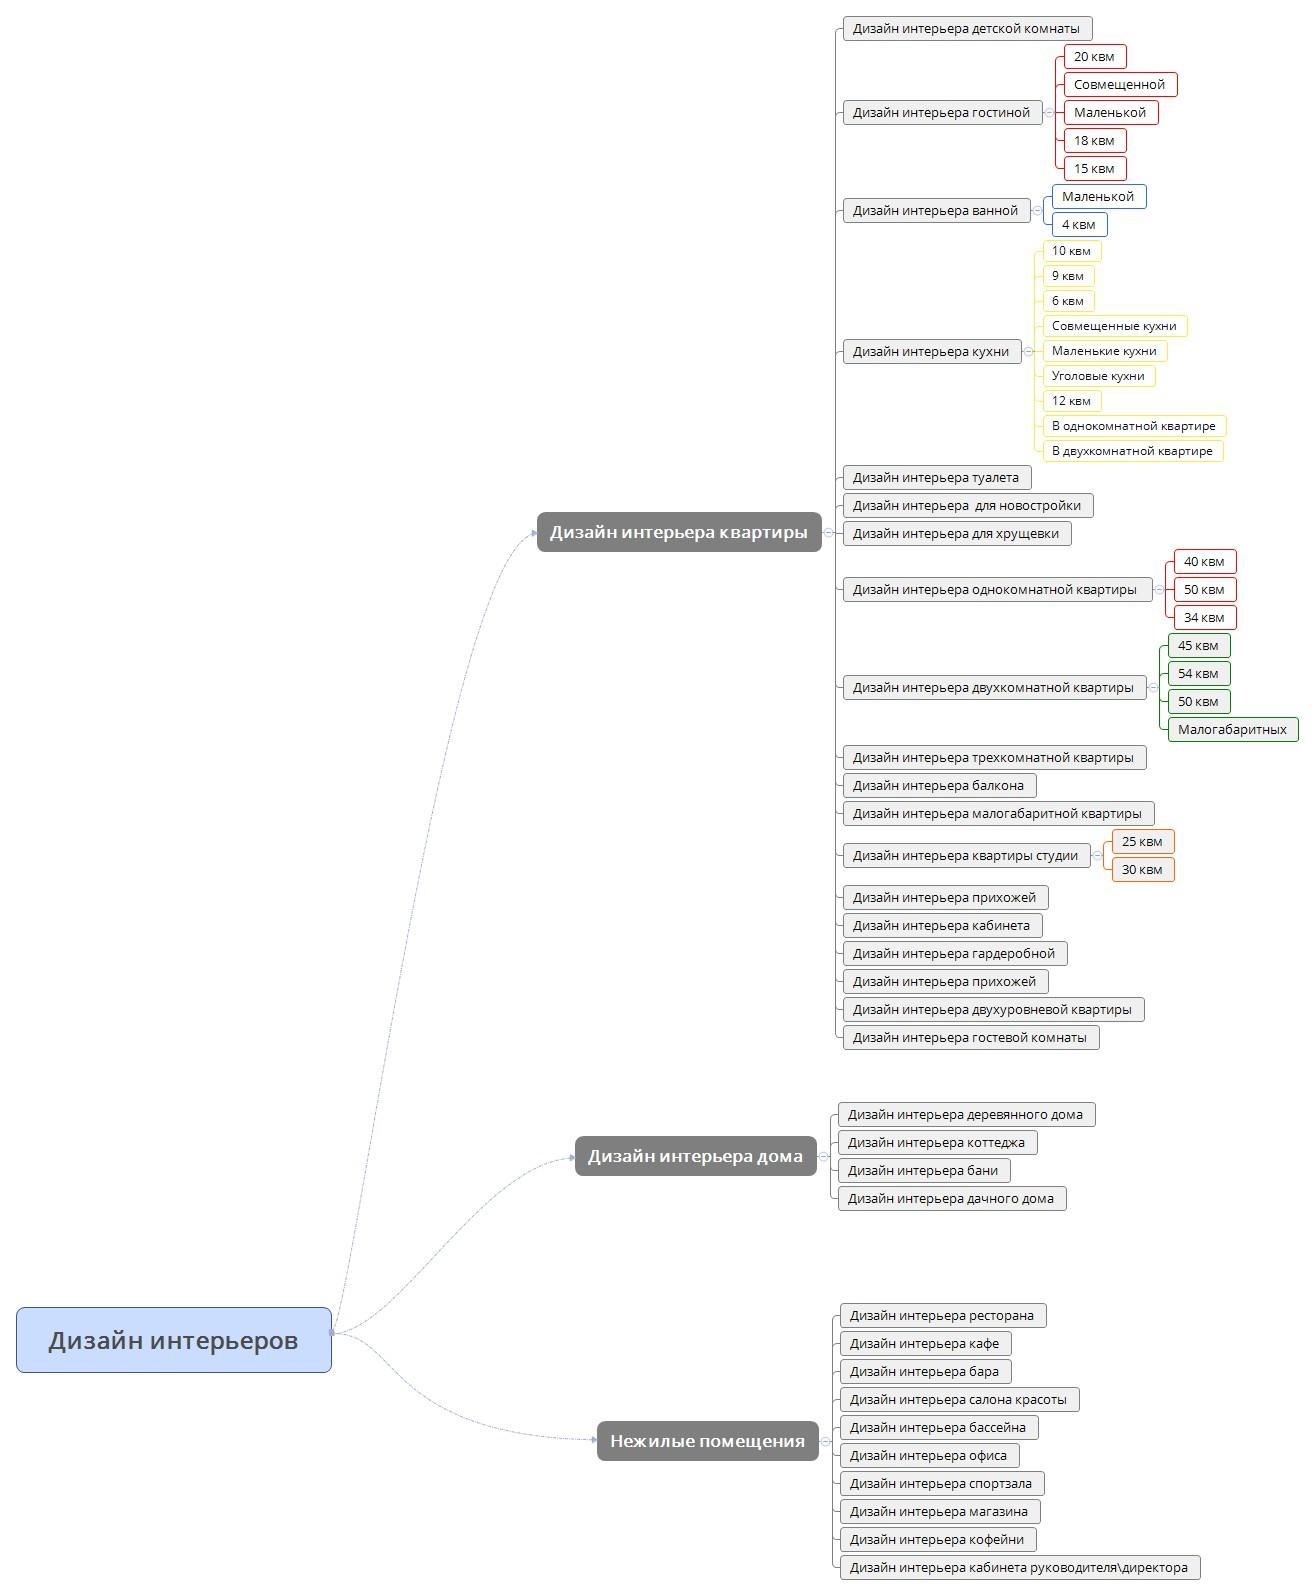 Создание структуры сайта для дизайна интерьеров